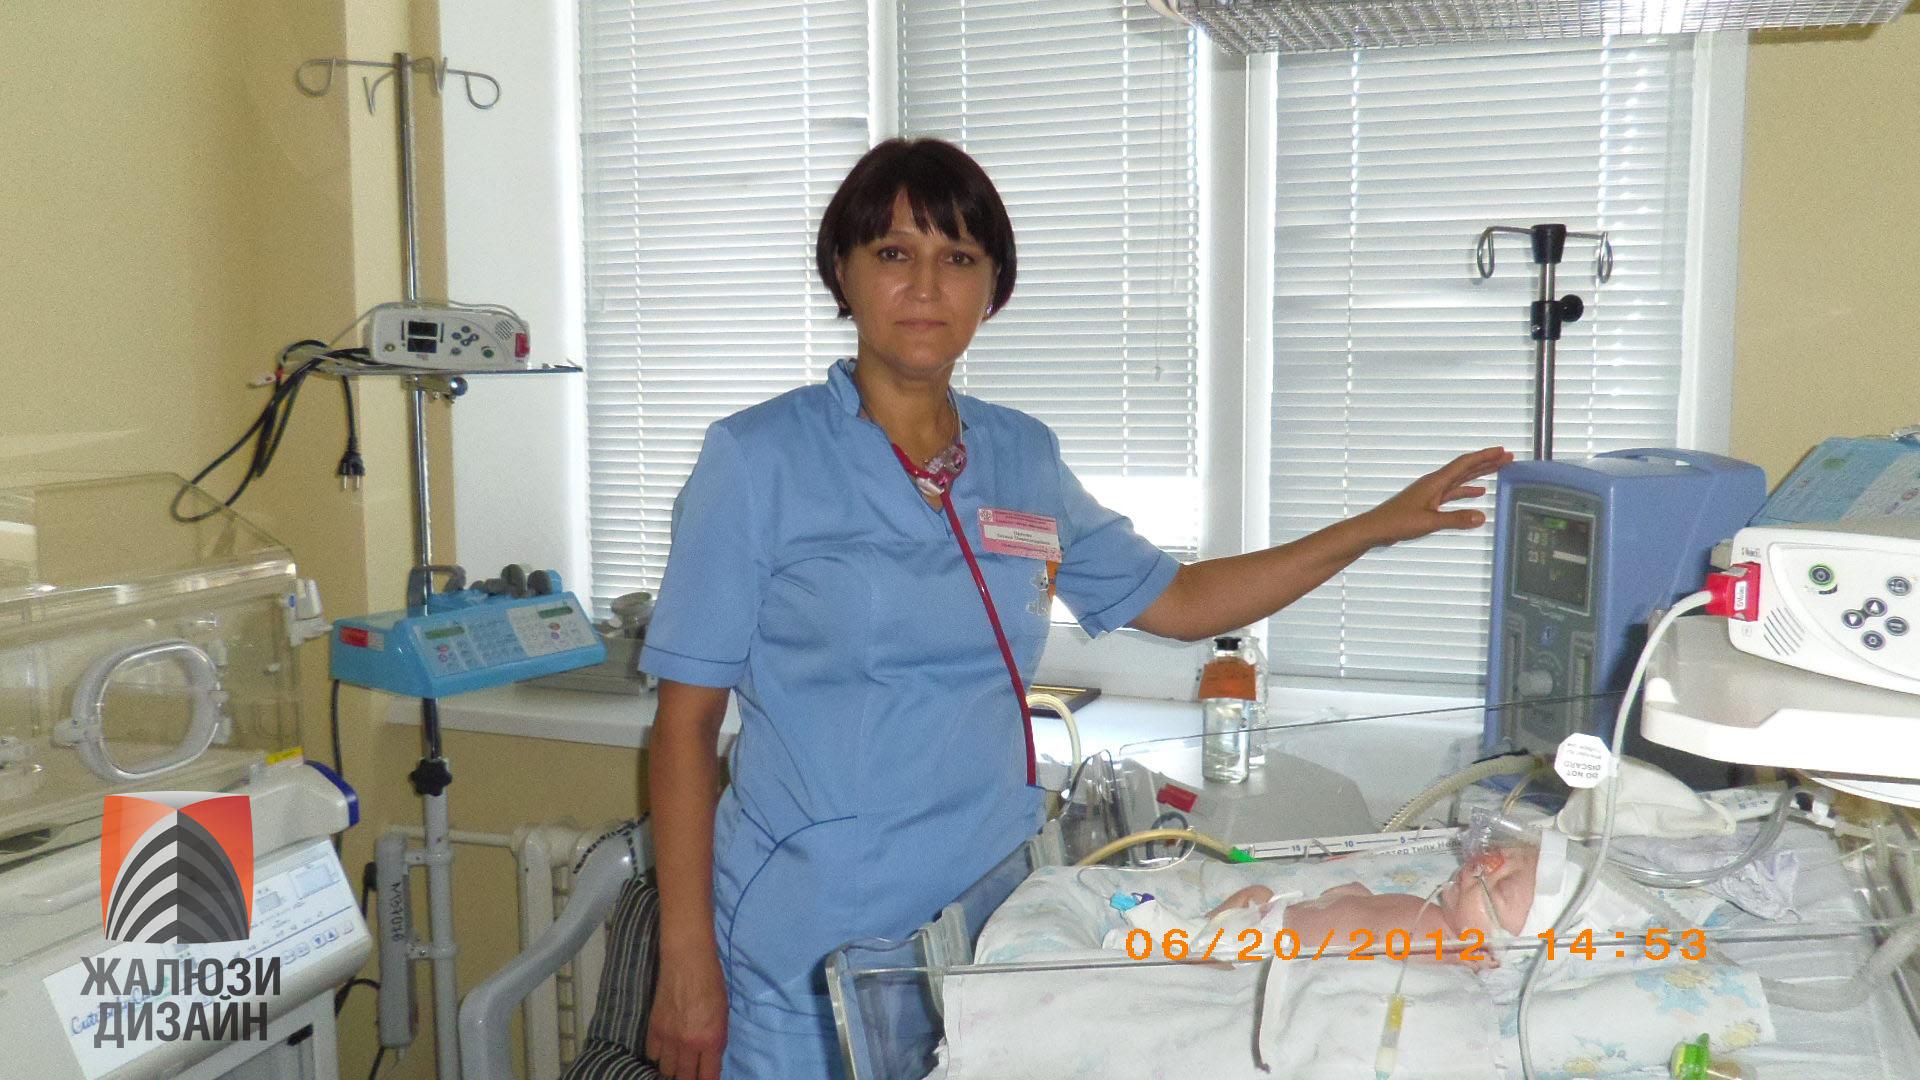 Врач-педиатр Татьяна Орлова советует, что лучше для аллергиков - шторы или тканевые ролеты